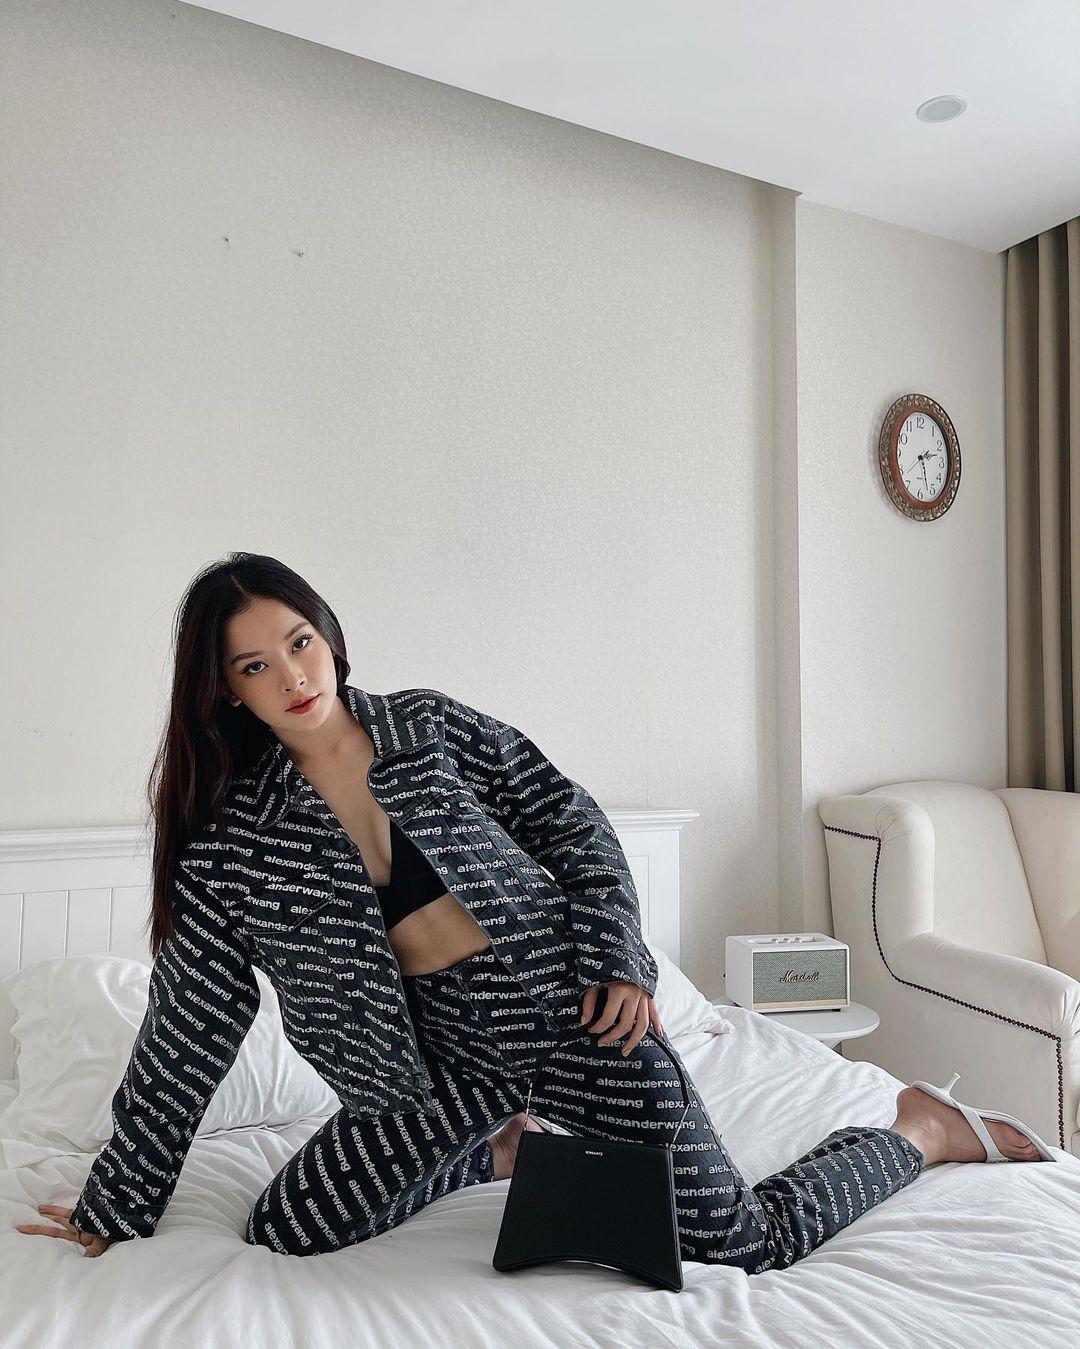 """Instagram look của sao Việt tuần qua: Đồ đen """"chiếm sóng"""", riêng Hà Tăng khoe khí chất cao sang với áo dài - Ảnh 1."""